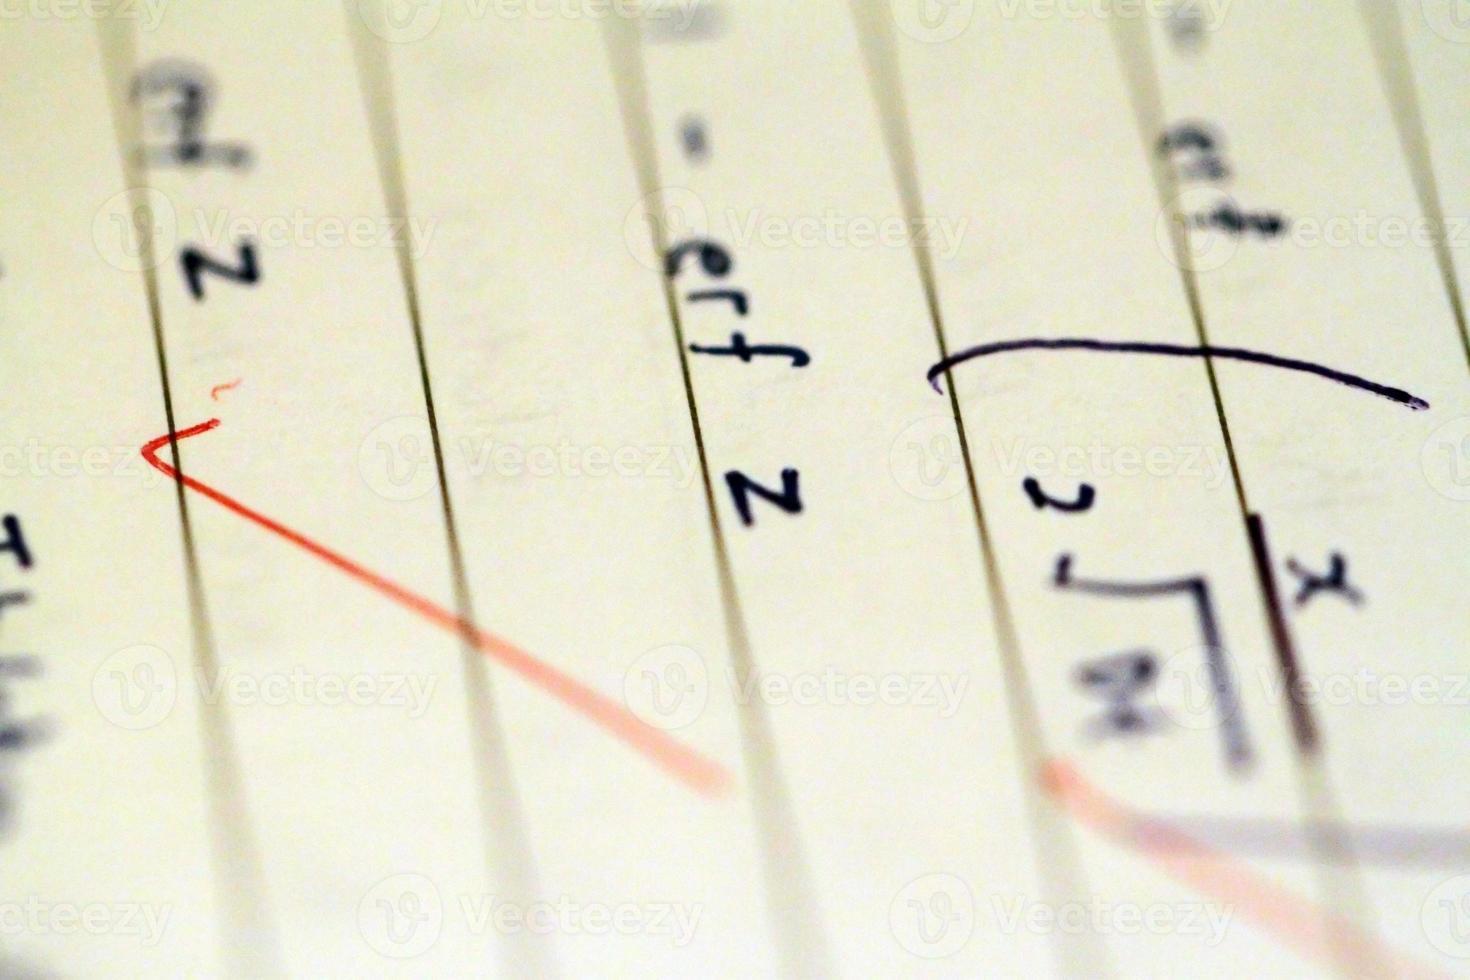 fórmulas y ecuaciones matemáticas foto